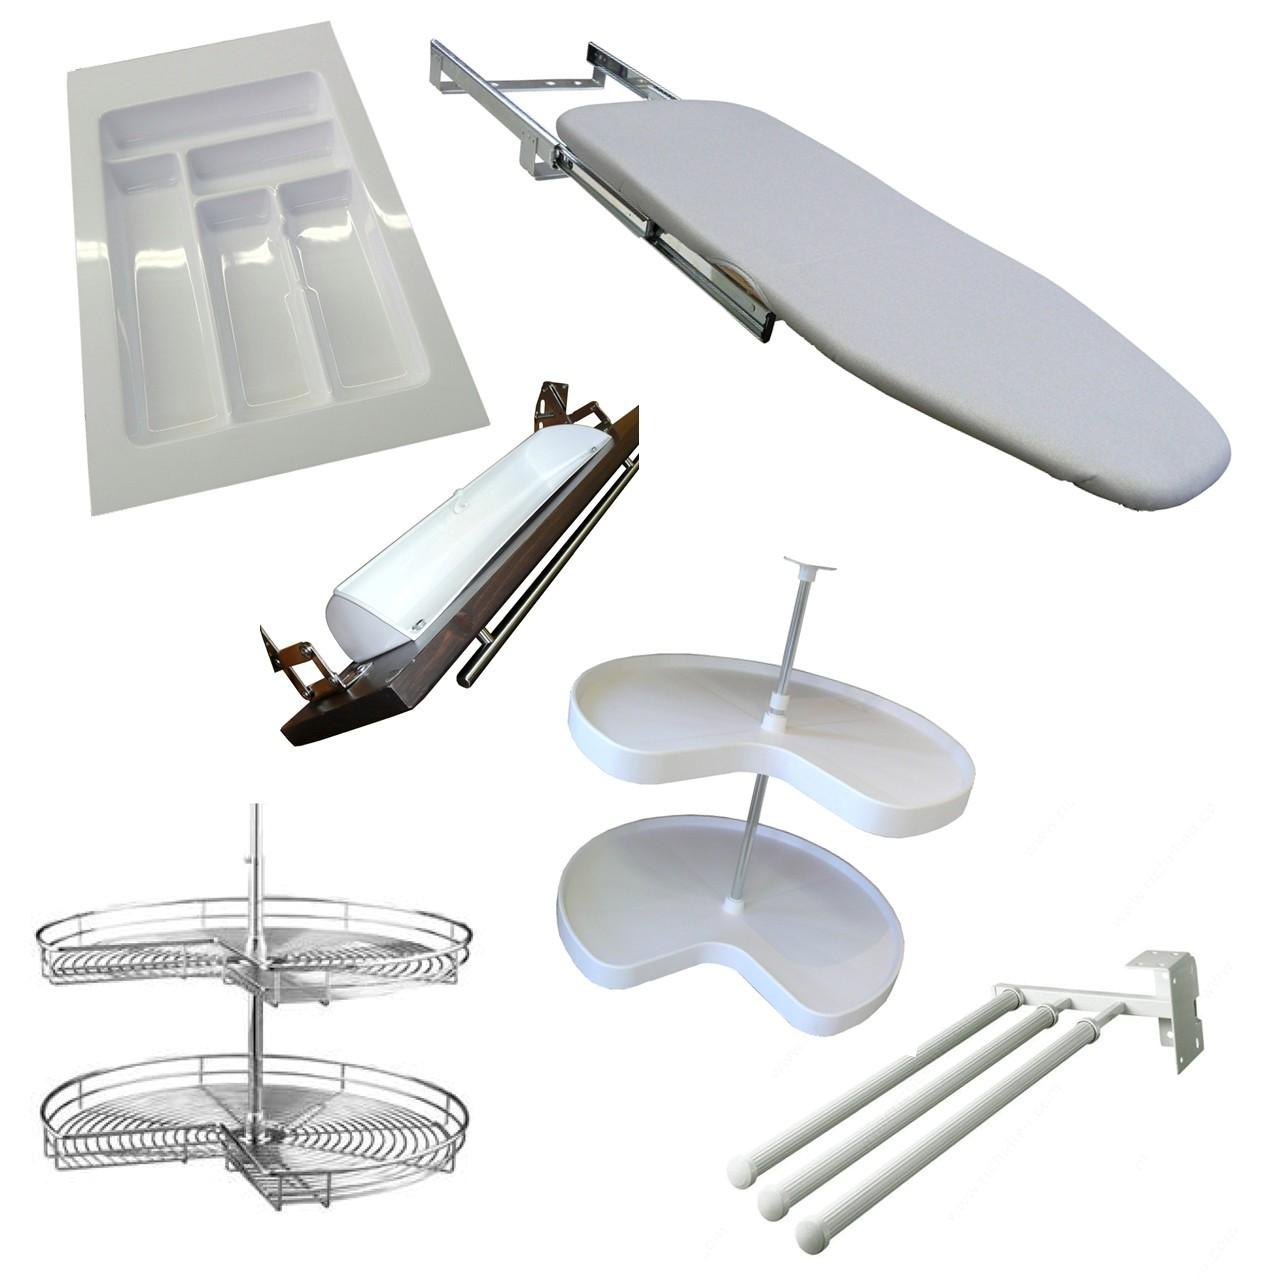 Quincaillerie pour fixation cuisine lot de suspensions - Quincaillerie meuble cuisine ...